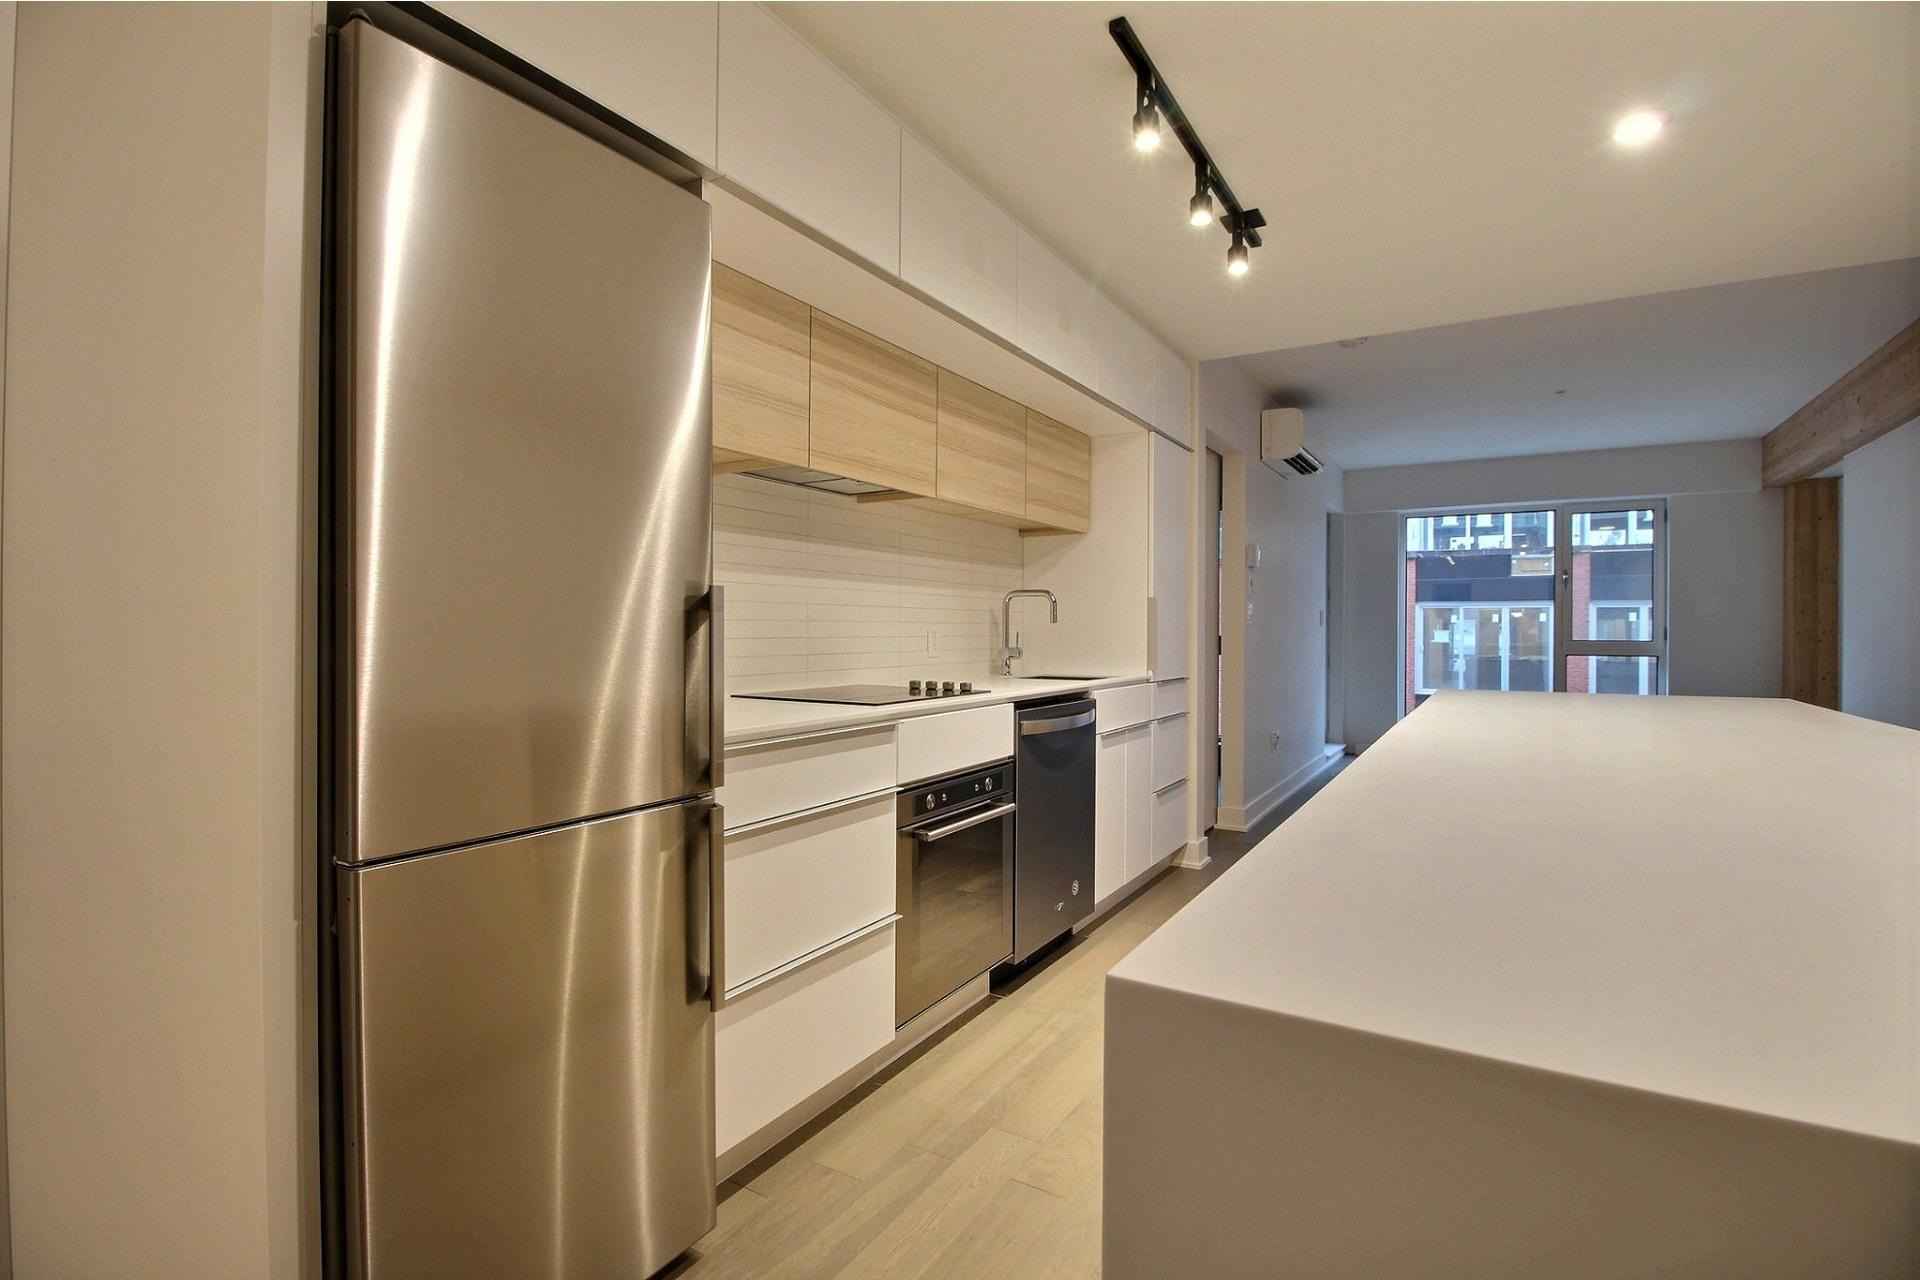 image 2 - Apartment For rent Montréal Le Sud-Ouest  - 4 rooms